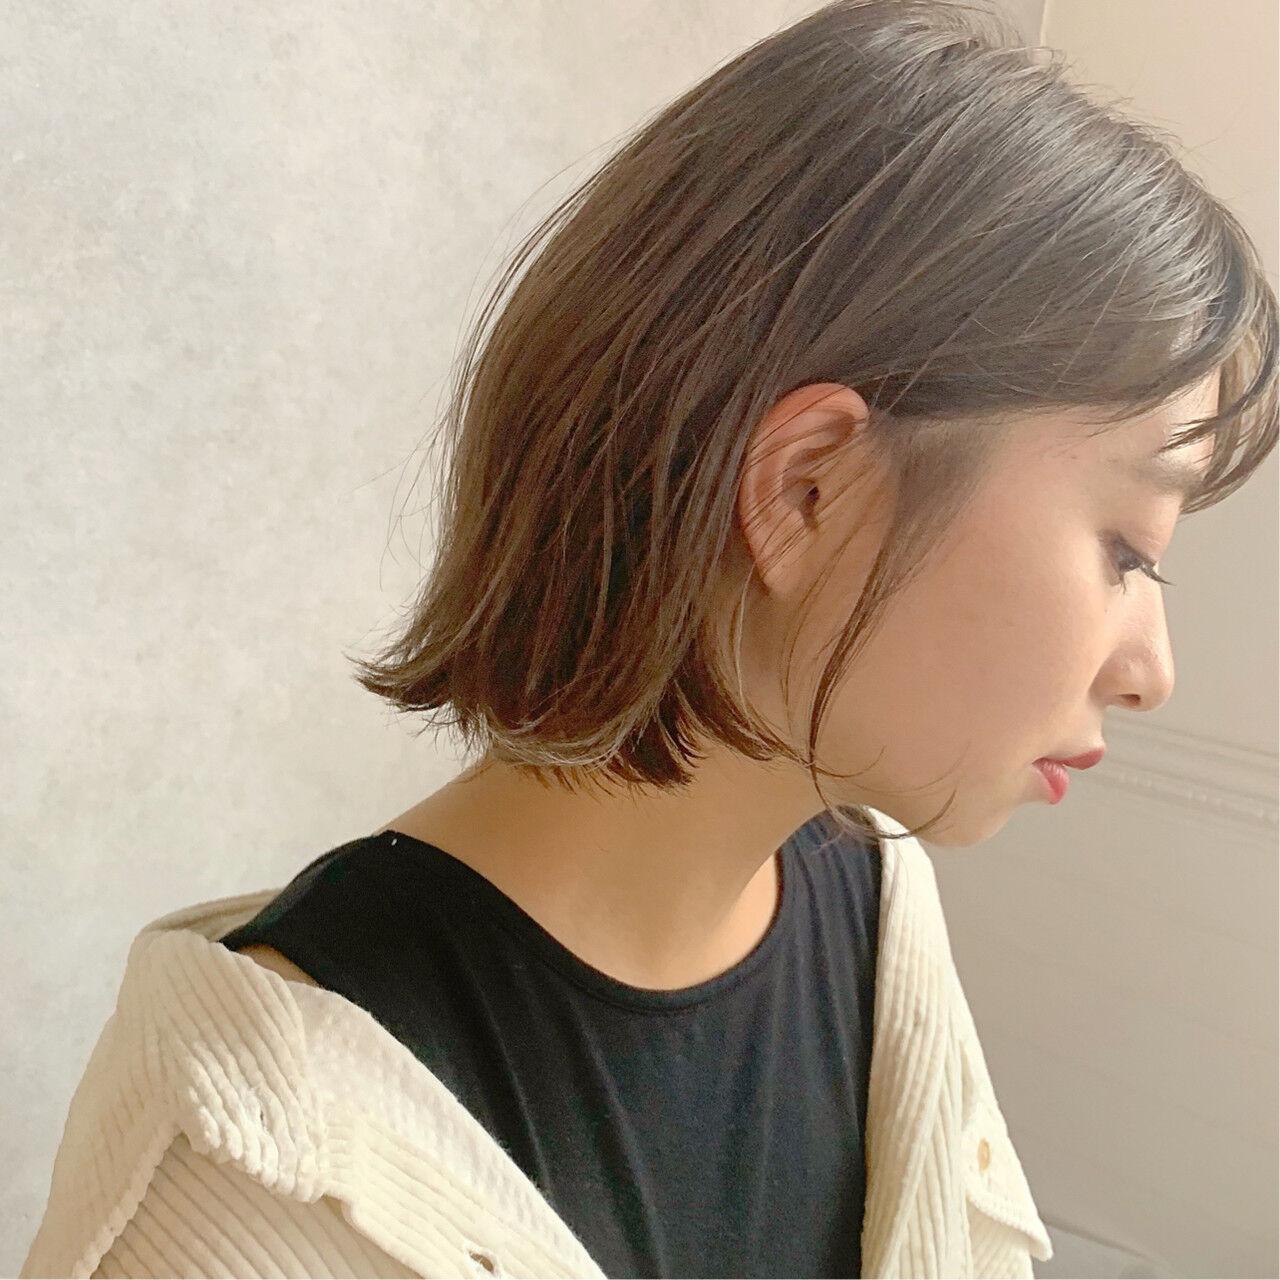 ヘアアレンジ 前髪 ナチュラル アンニュイほつれヘアヘアスタイルや髪型の写真・画像